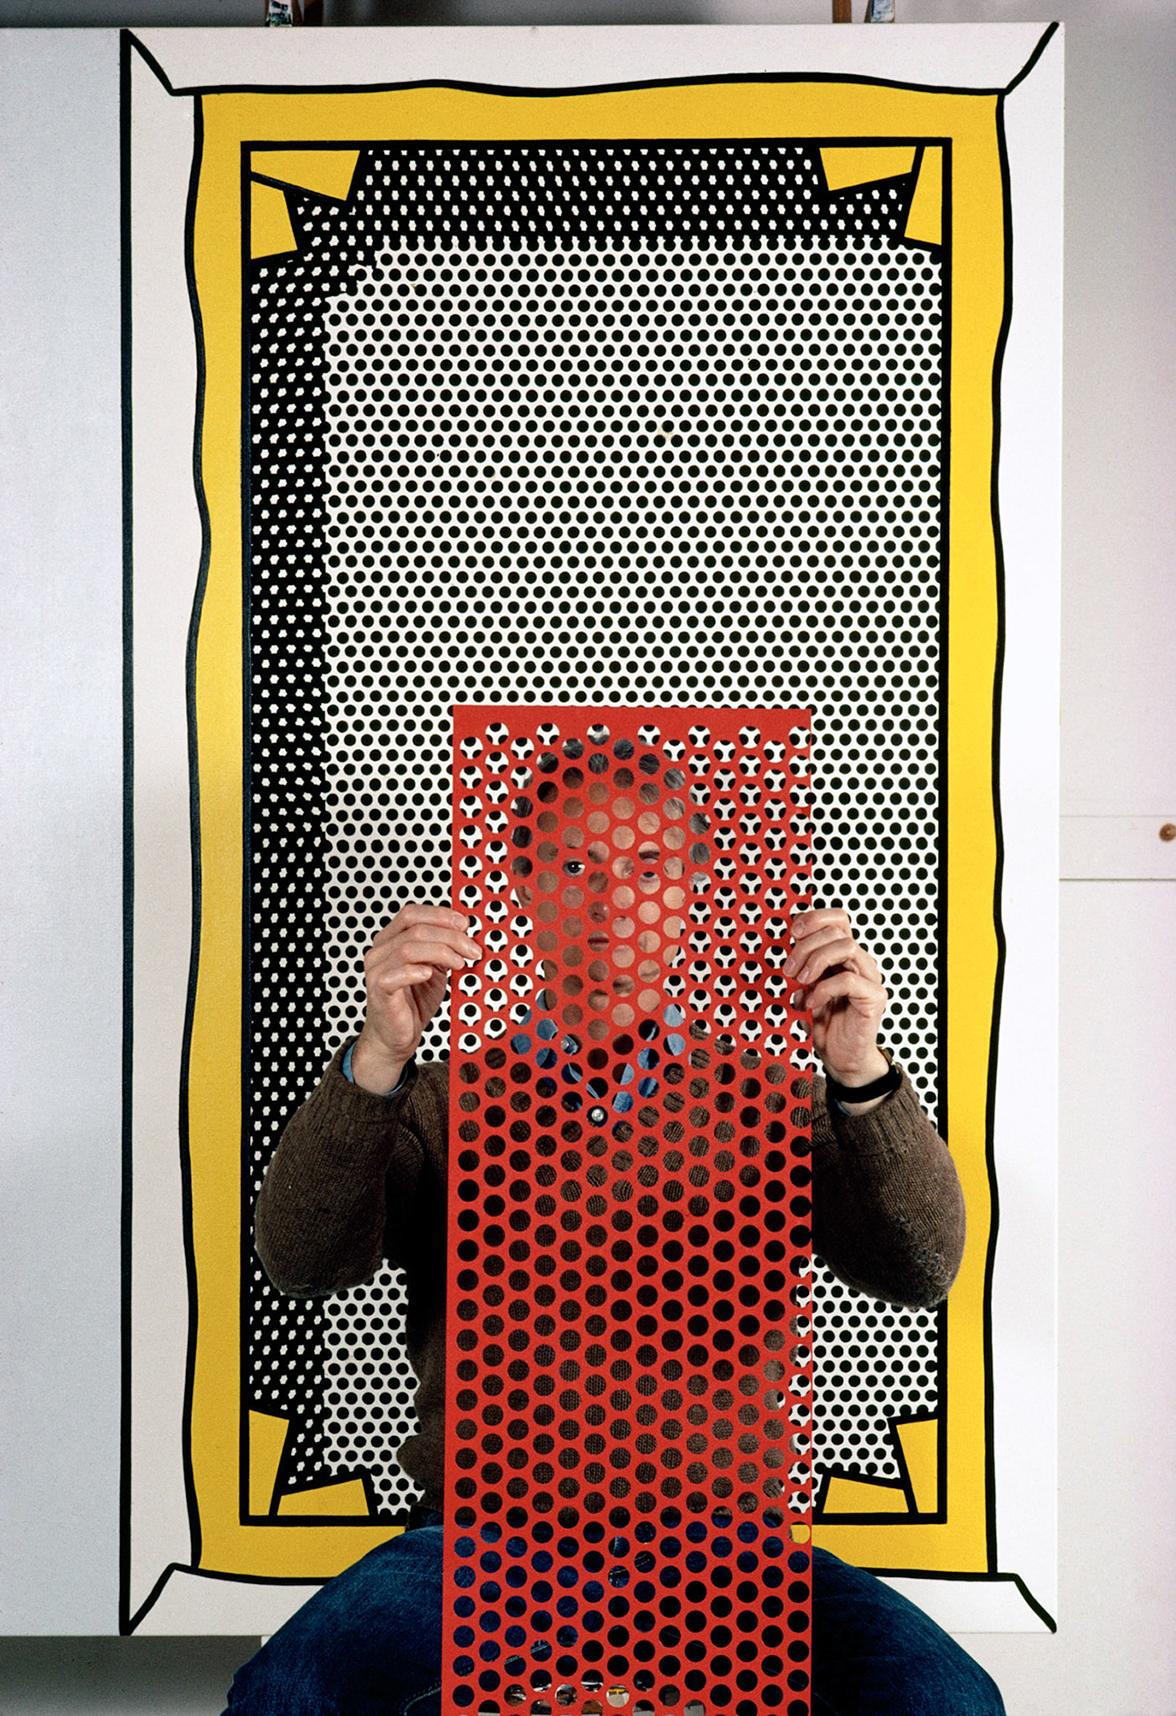 Ο Ρόι Λίχτενσταϊν ποζάρει στον φακό του Τόμας Χέπκερ και μεταμορφώνεται σε ποπ φιγούρα, όπως στους διάσημους πίνακες του